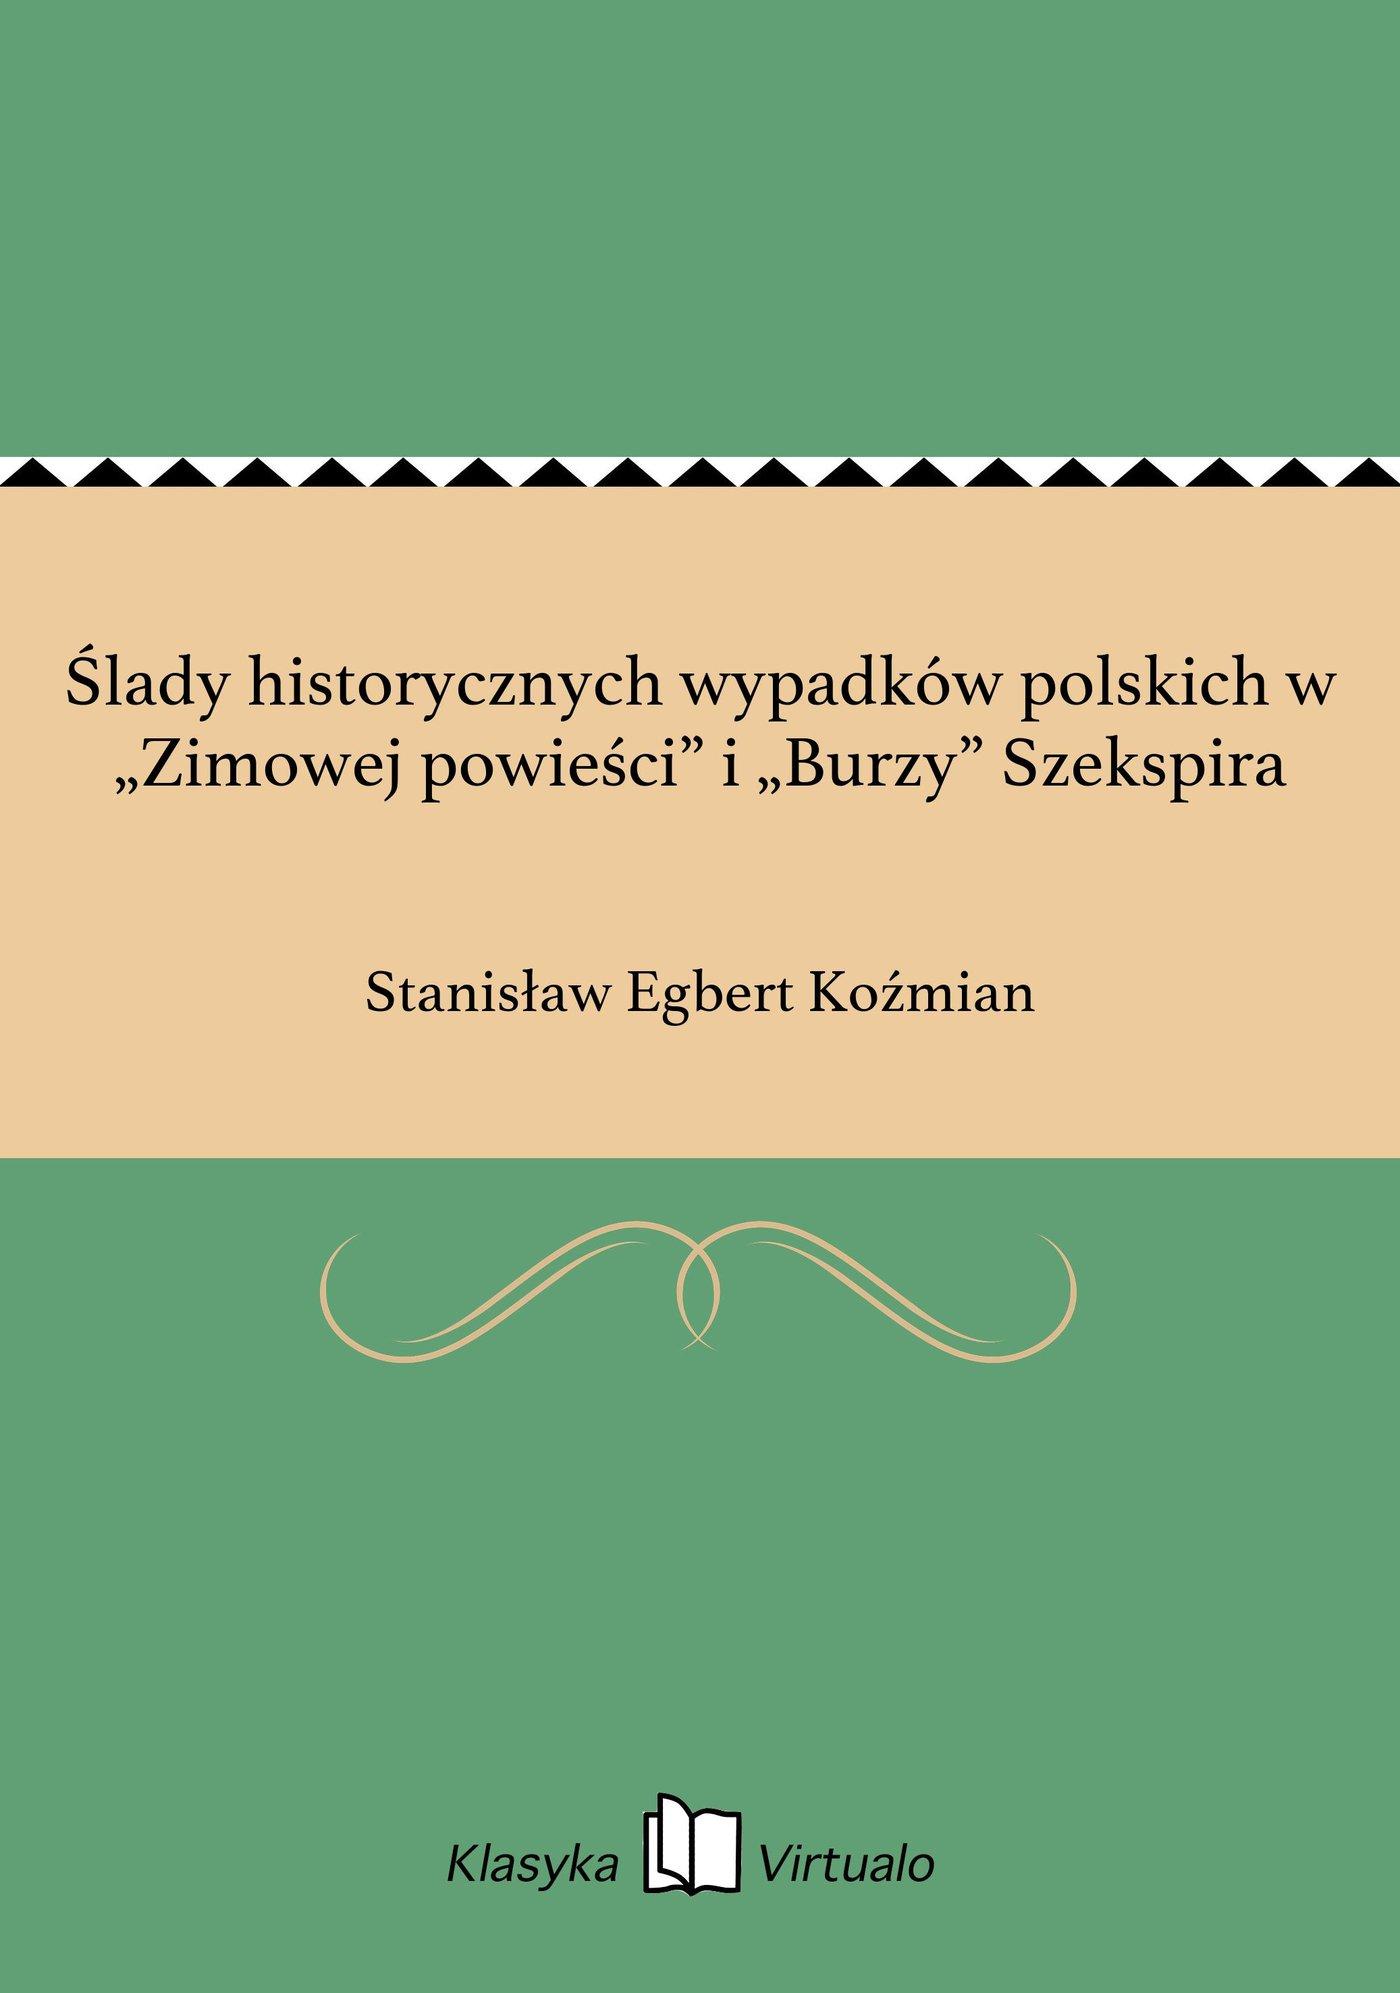 """Ślady historycznych wypadków polskich w """"Zimowej powieści"""" i """"Burzy"""" Szekspira - Ebook (Książka EPUB) do pobrania w formacie EPUB"""